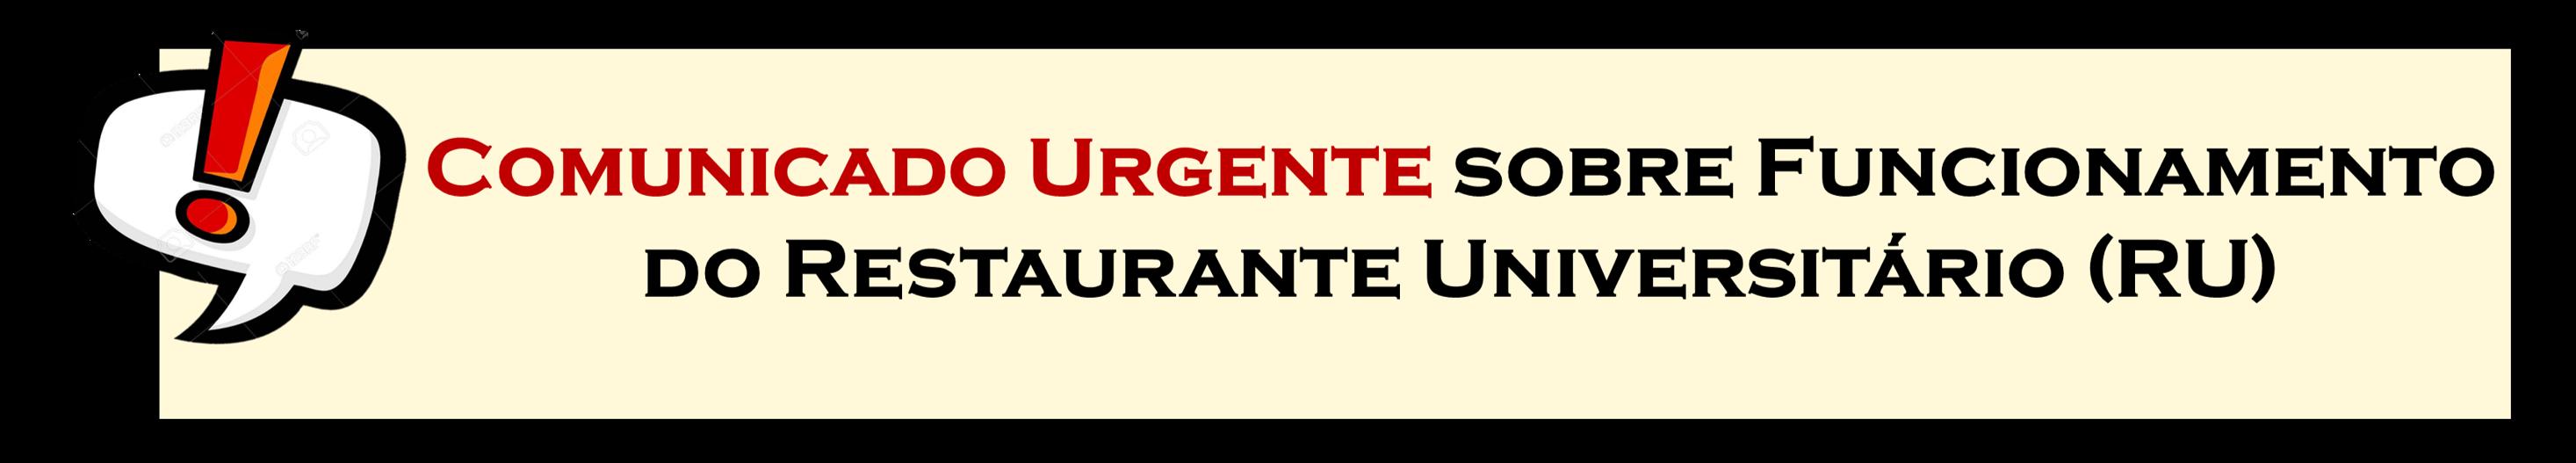 COMUNICADO URGENTE FUNCIONAMENTO RU